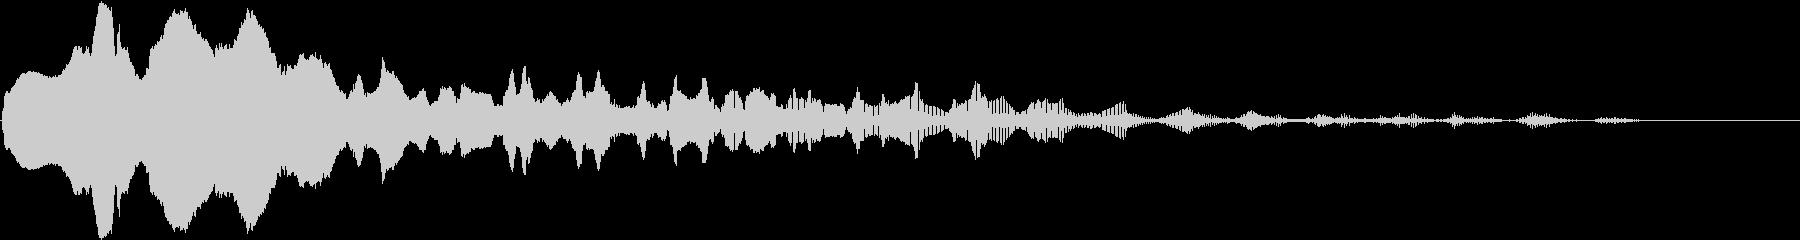 トランペット:ウマウイニーの未再生の波形